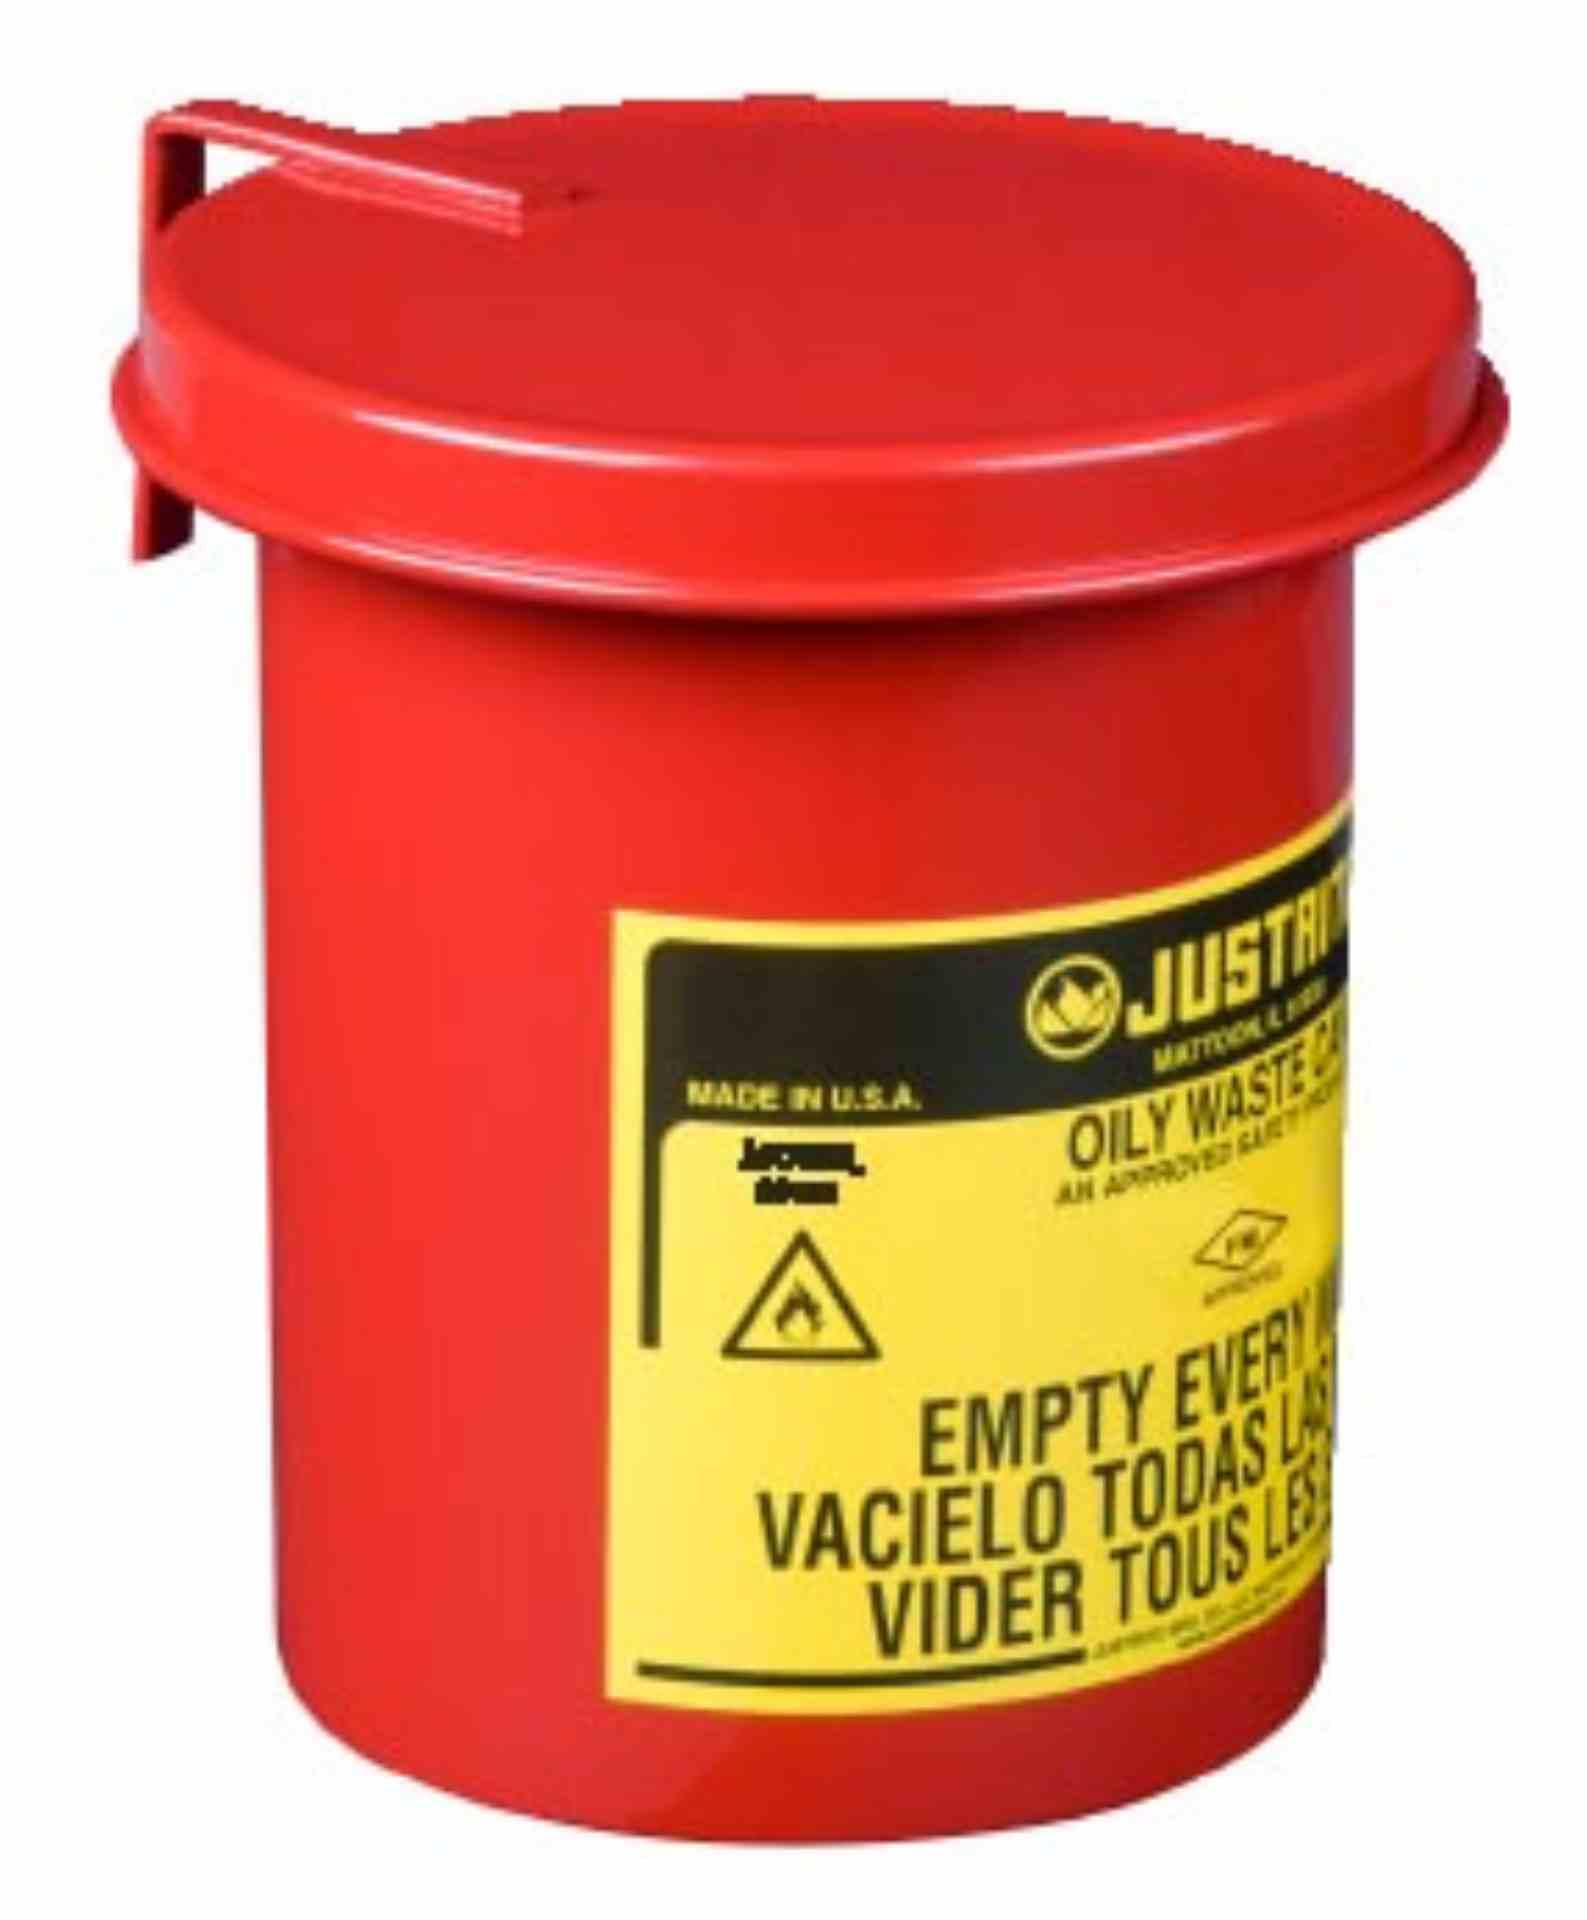 Pojemnik na odpady zaolejone, otwieranie ręczne, z podkładką tłumiącą hałas, czerwony 1,7 l.